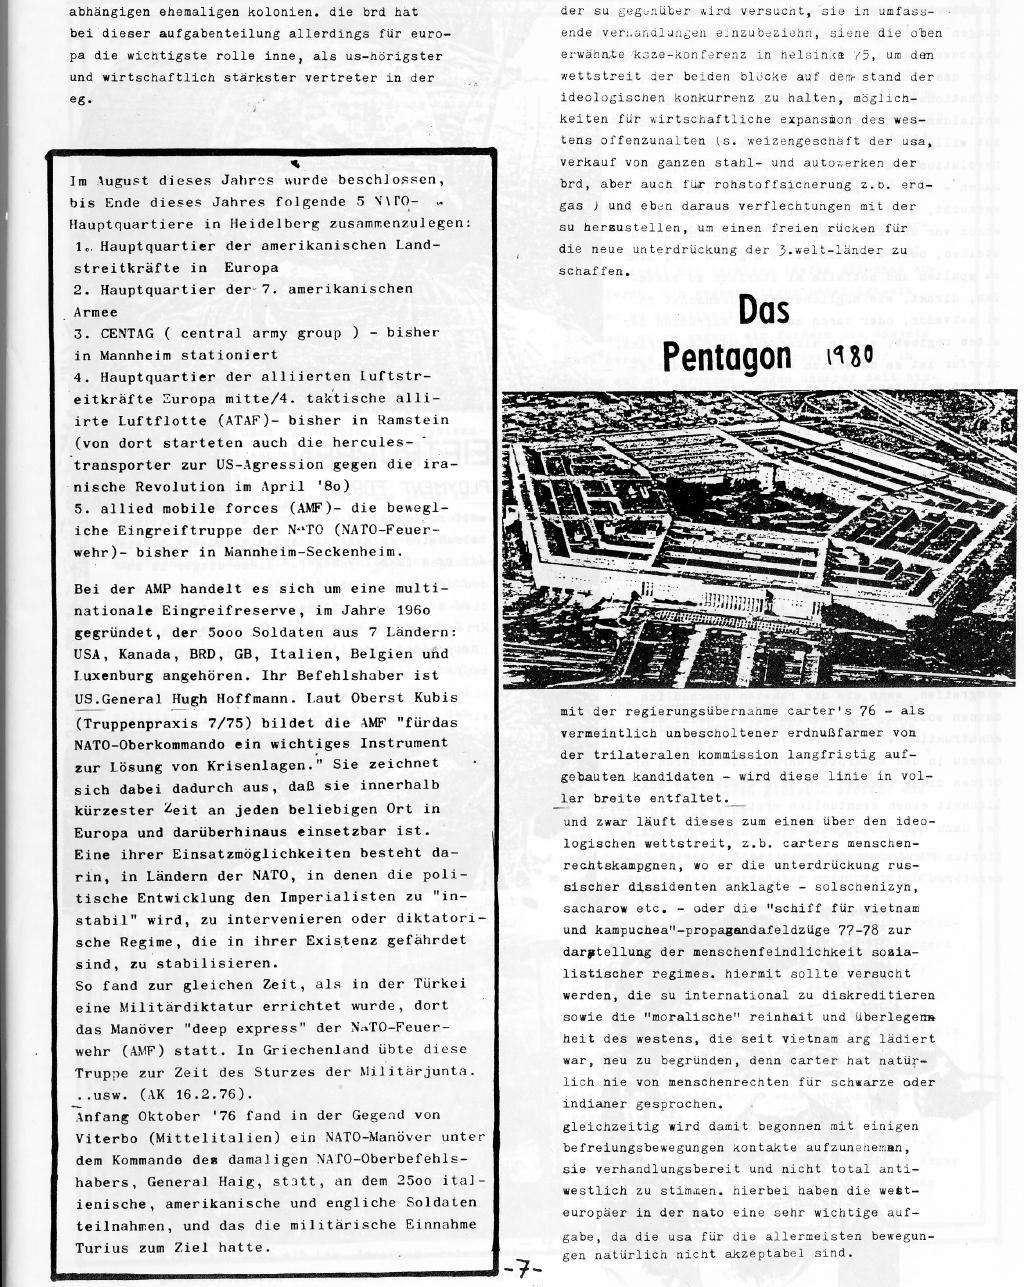 Bremen_1980_NATO_Broschuere_07